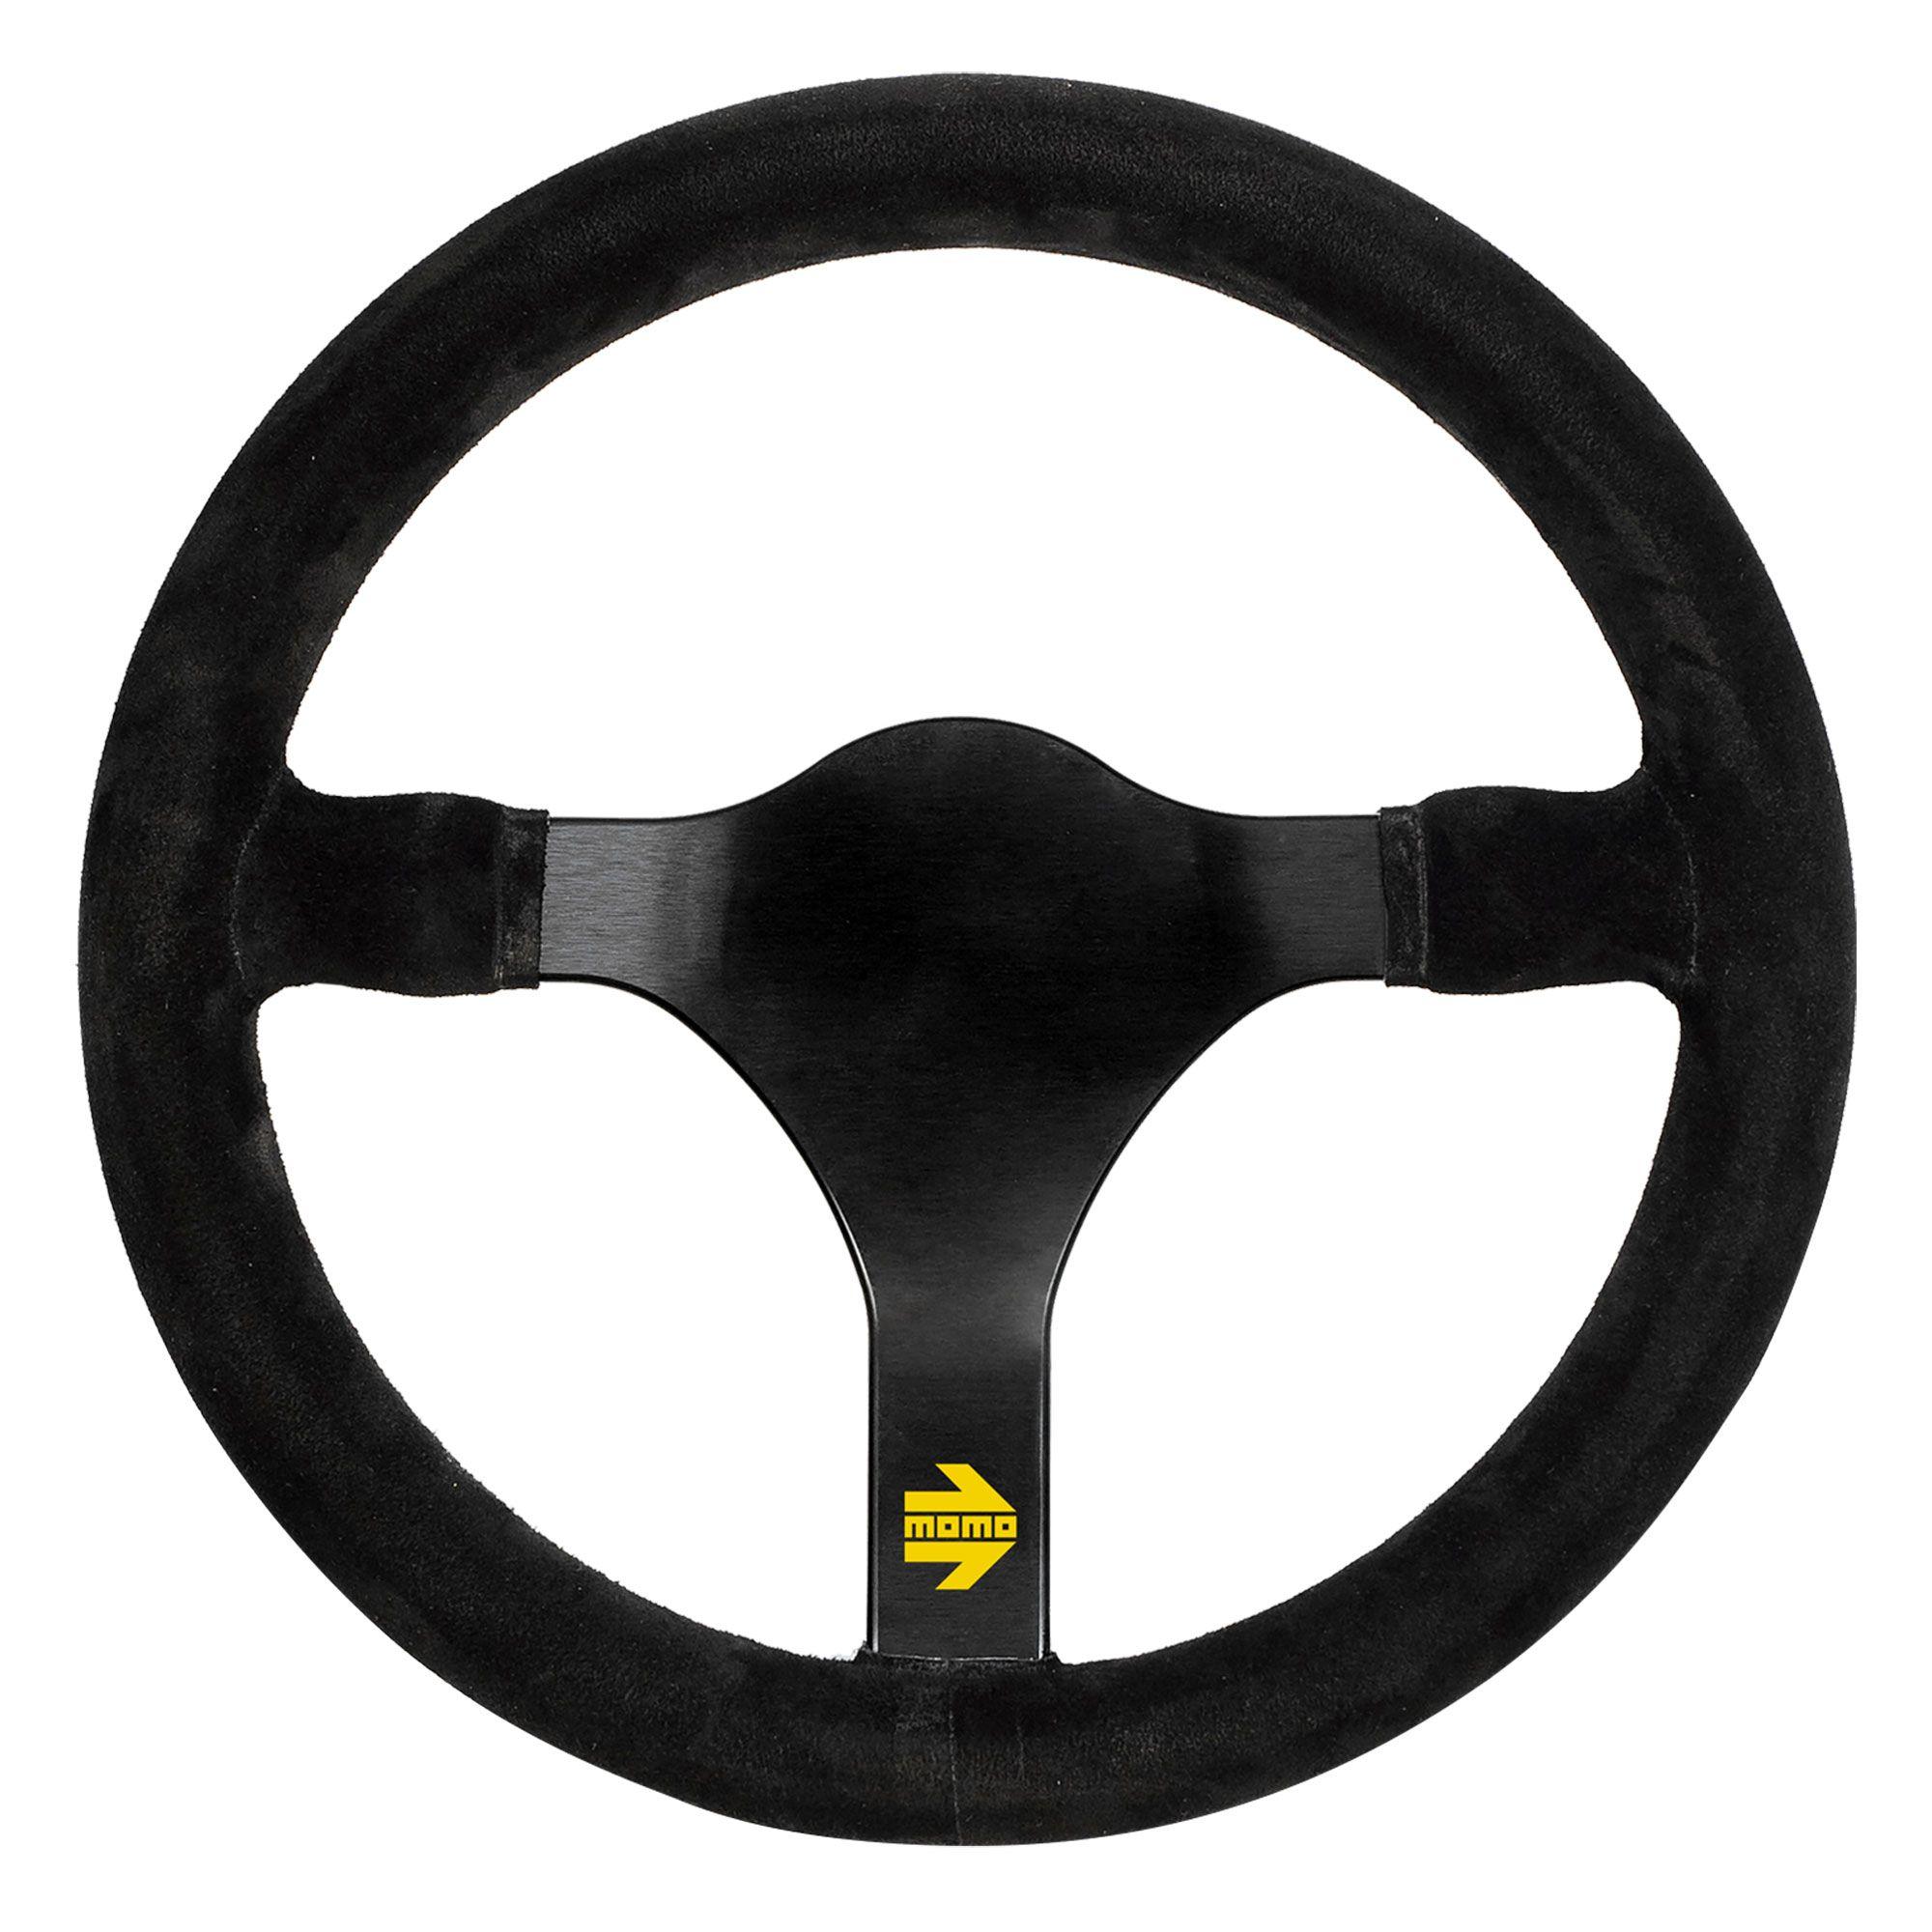 Details about Momo Model 31 3 Spoke Race / Racing Steering Wheel Black  Suede - 320mm